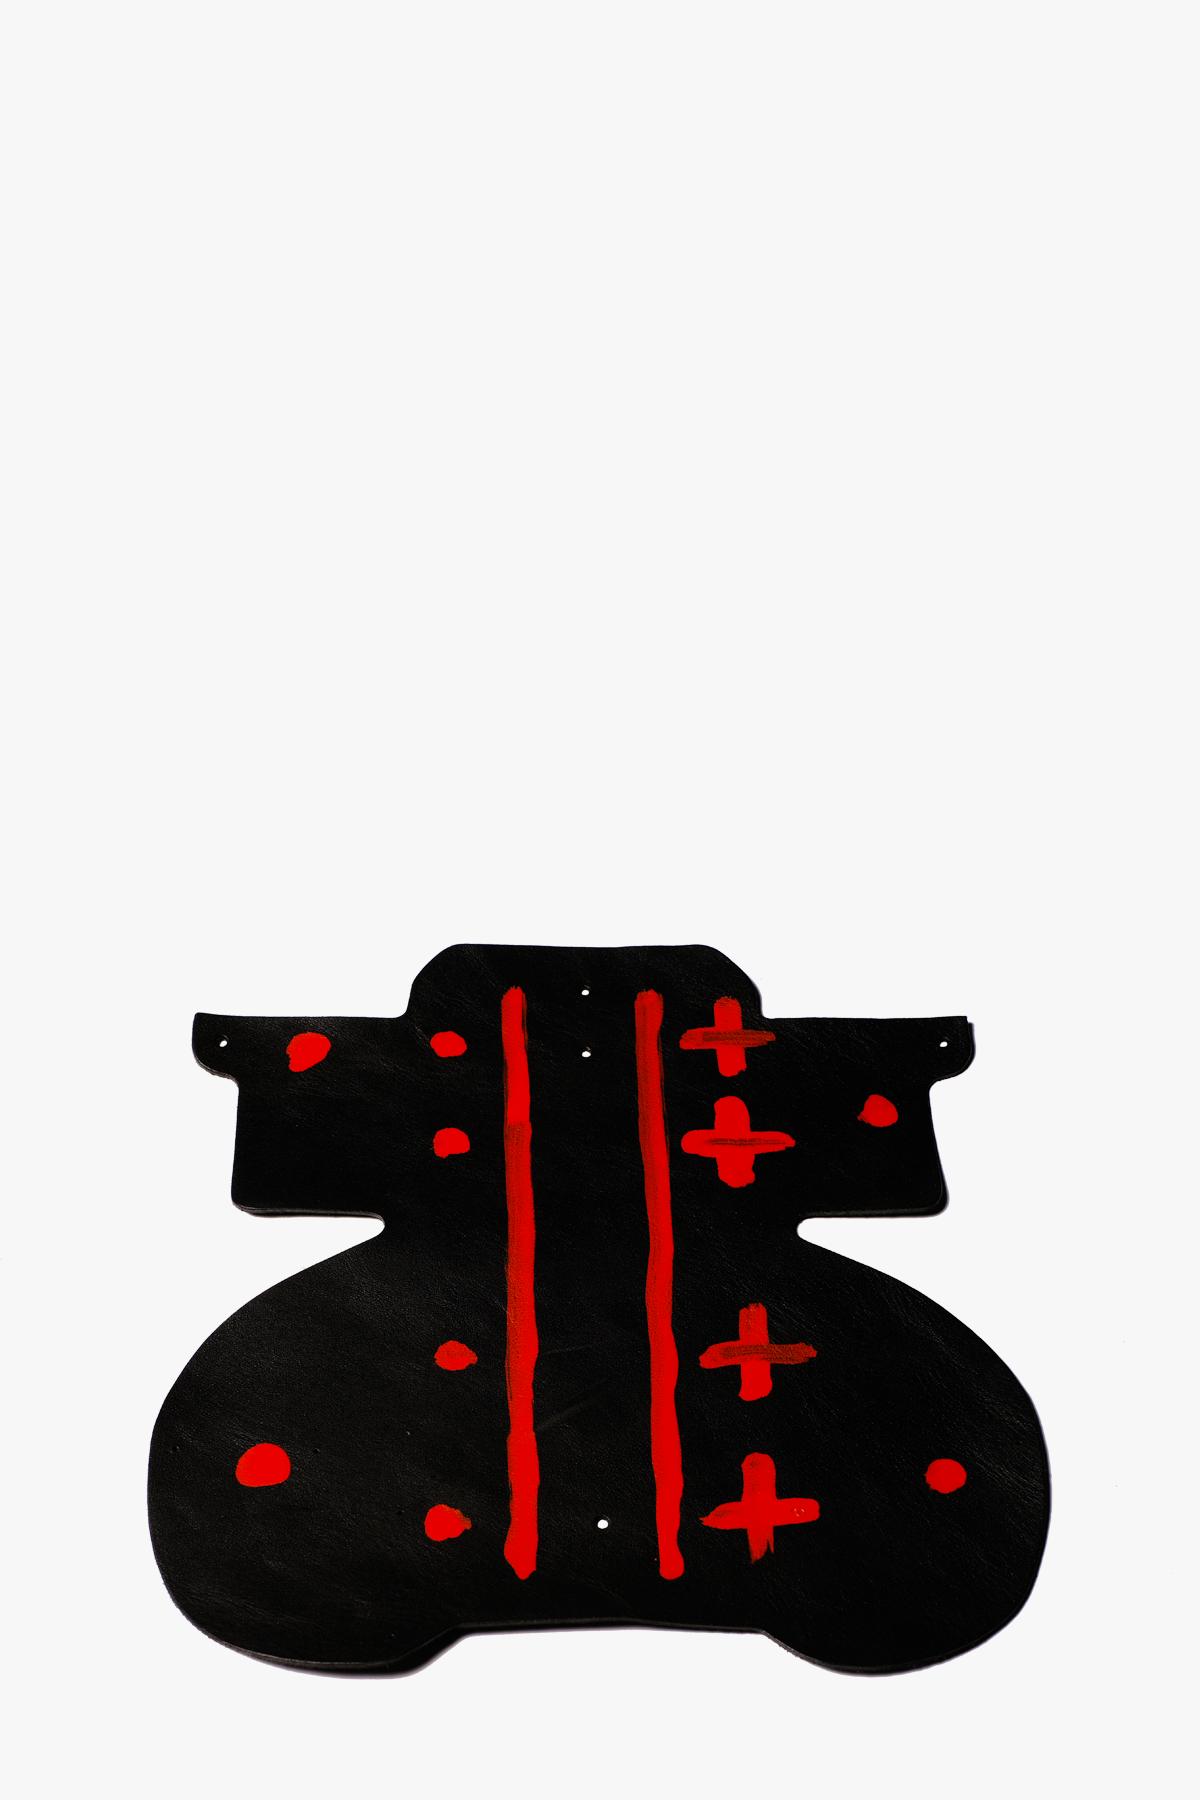 esploso-13